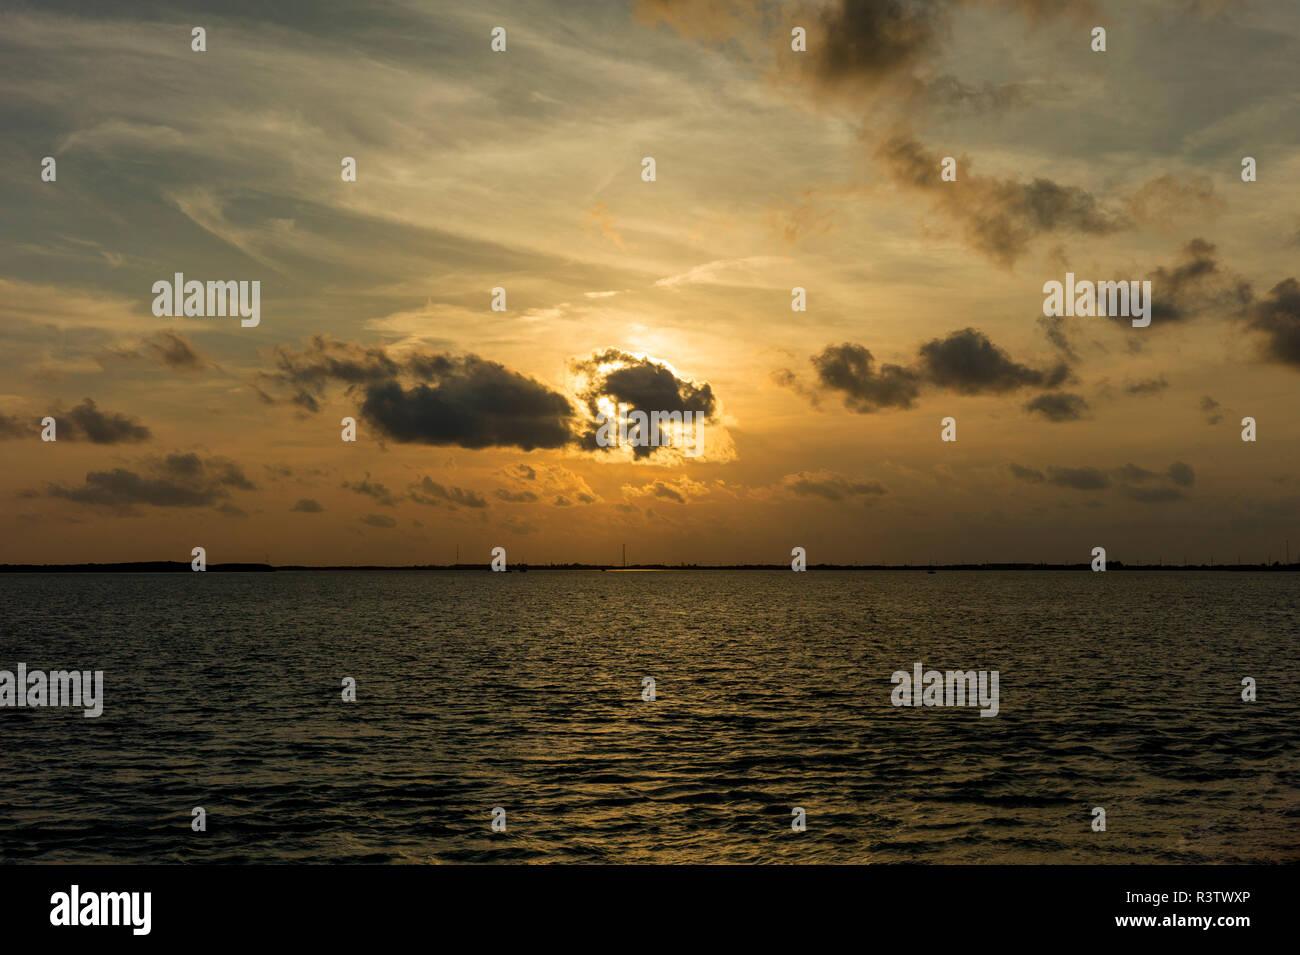 Golden hour winter sunset descends over the Florida Keys